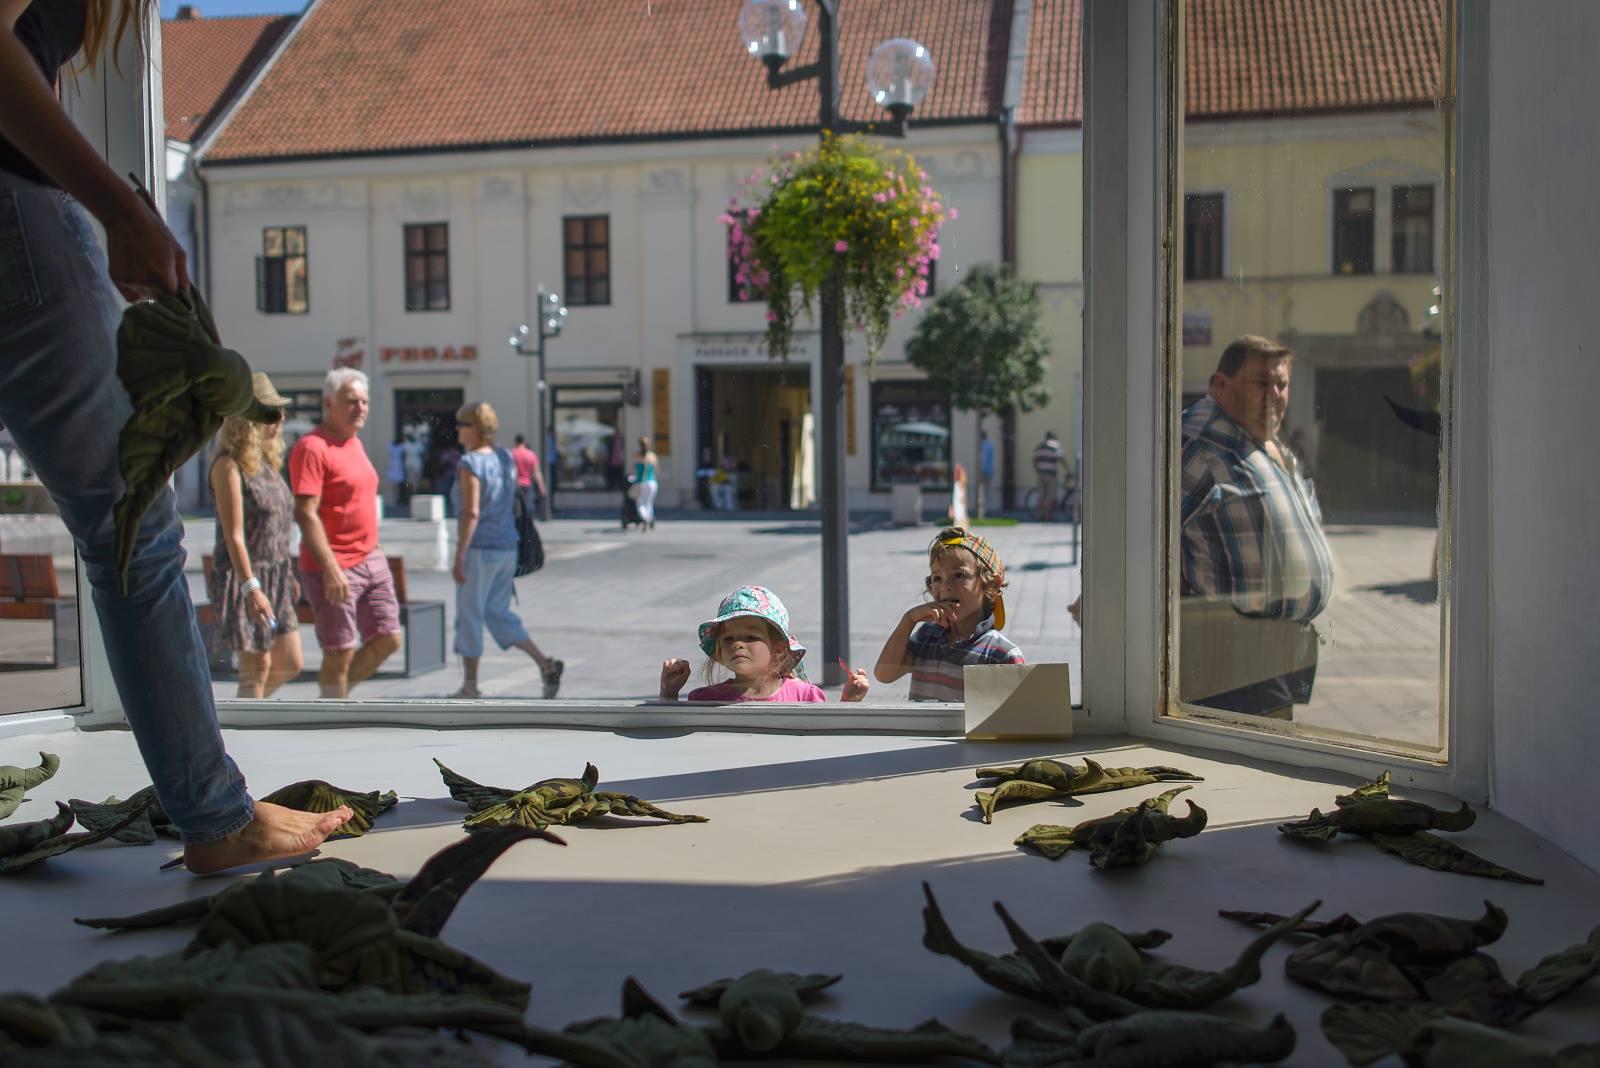 Trnavská Galéria Výklad otvorila svoju tretiu výstavu: Kamufláž v podaní Martiny Chudej